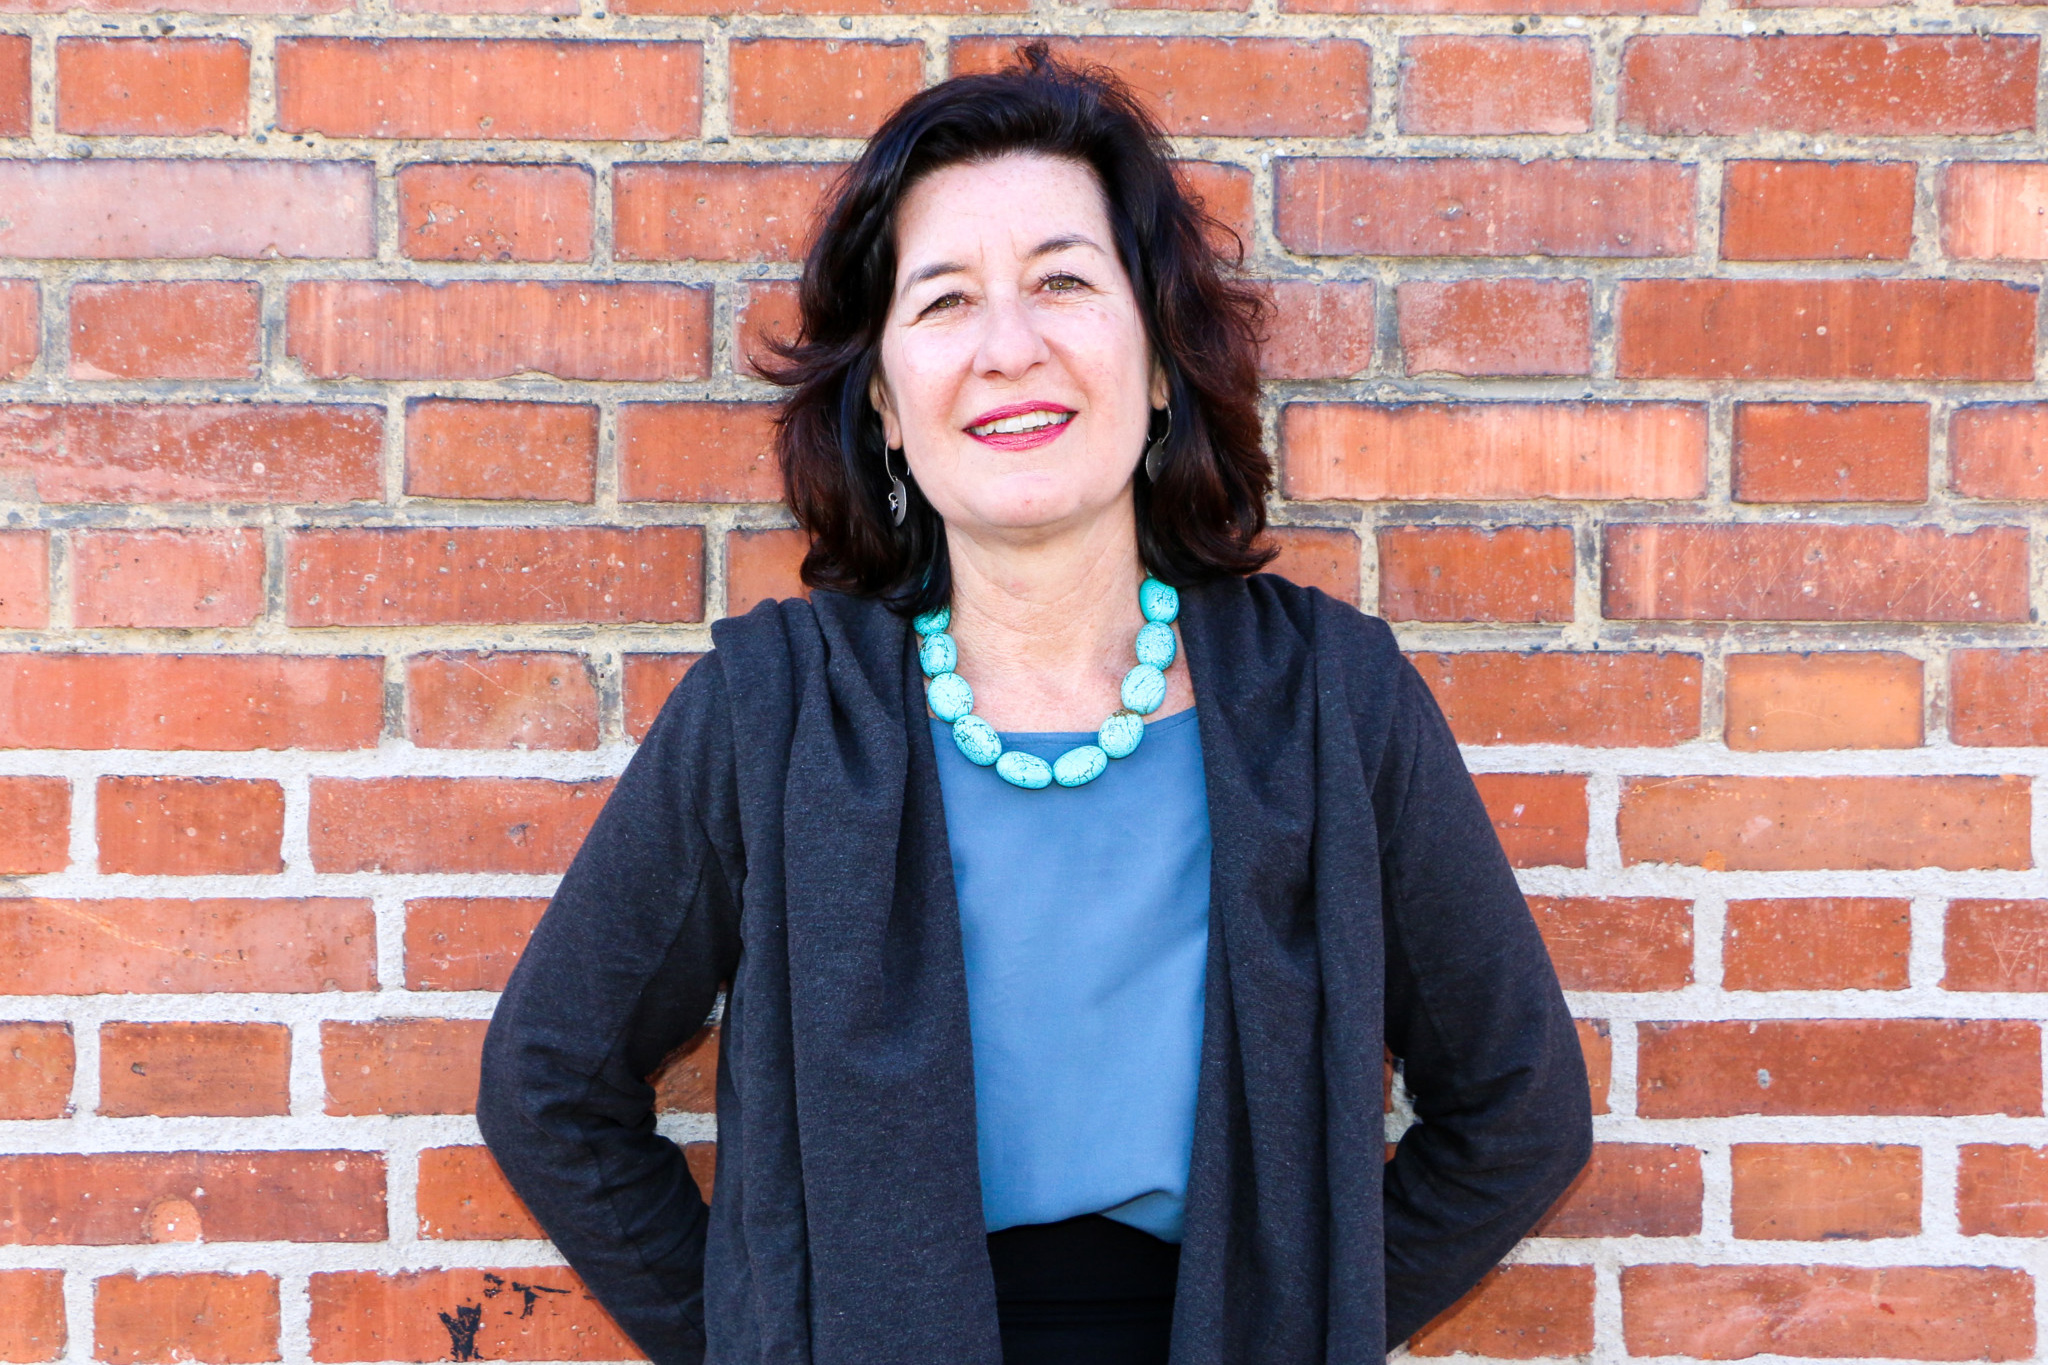 Gabriella Allemann